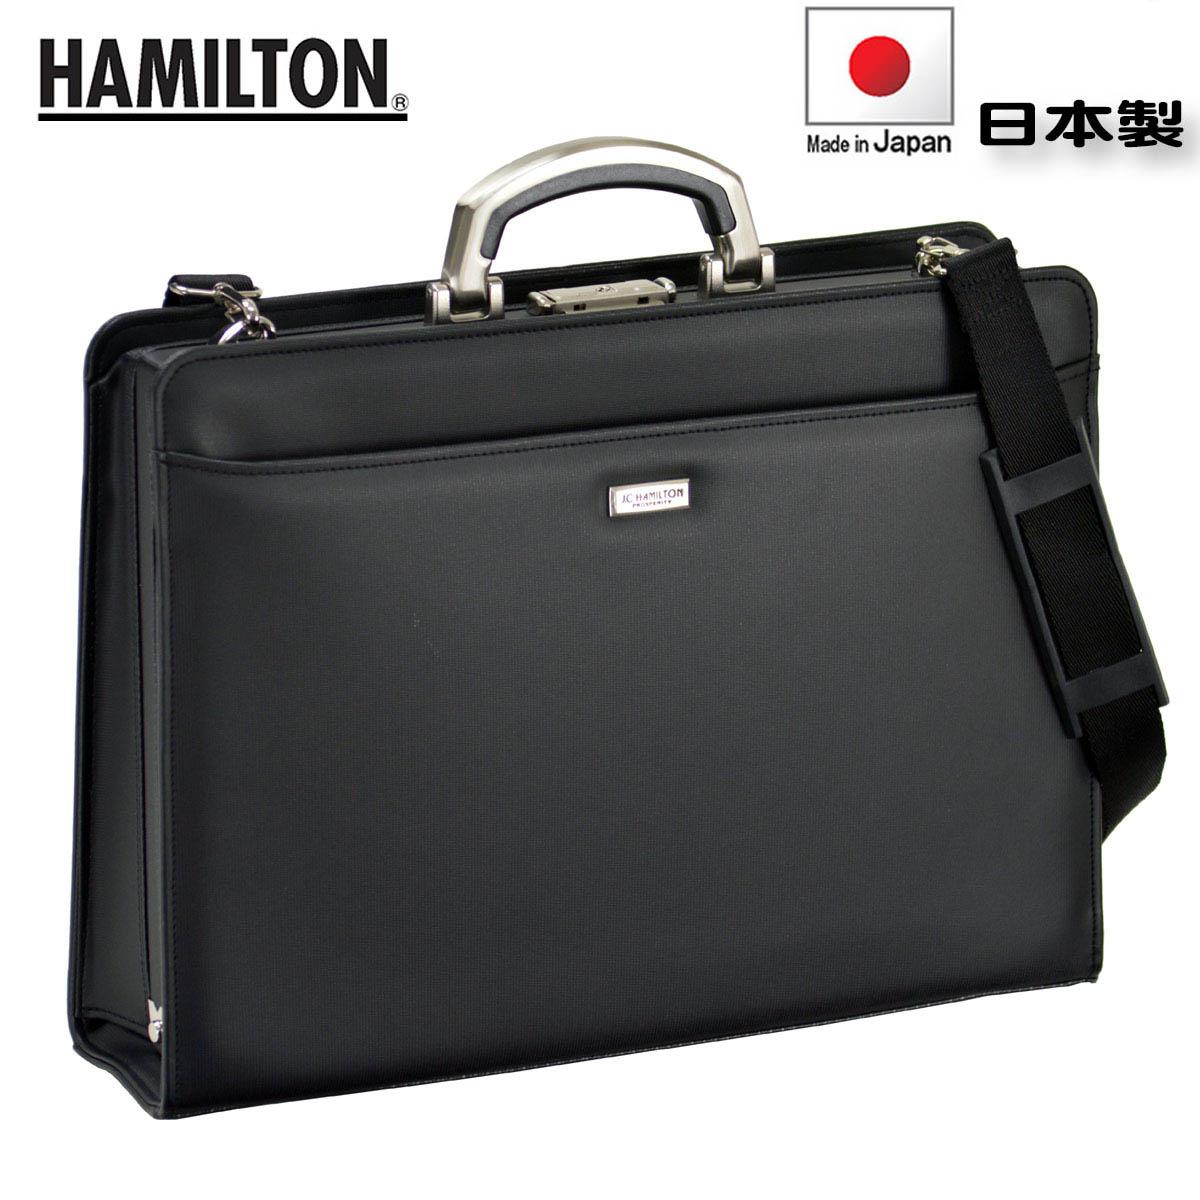 ビジネスバッグ J.C HAMILTON ハミルトン 国産 No:22301 アルミ製ハンドル ダレスバック 使い易い A4 ファイル 汚れ 水に強い ワンタッチロック 通勤 通学 就活 鞄倶楽部